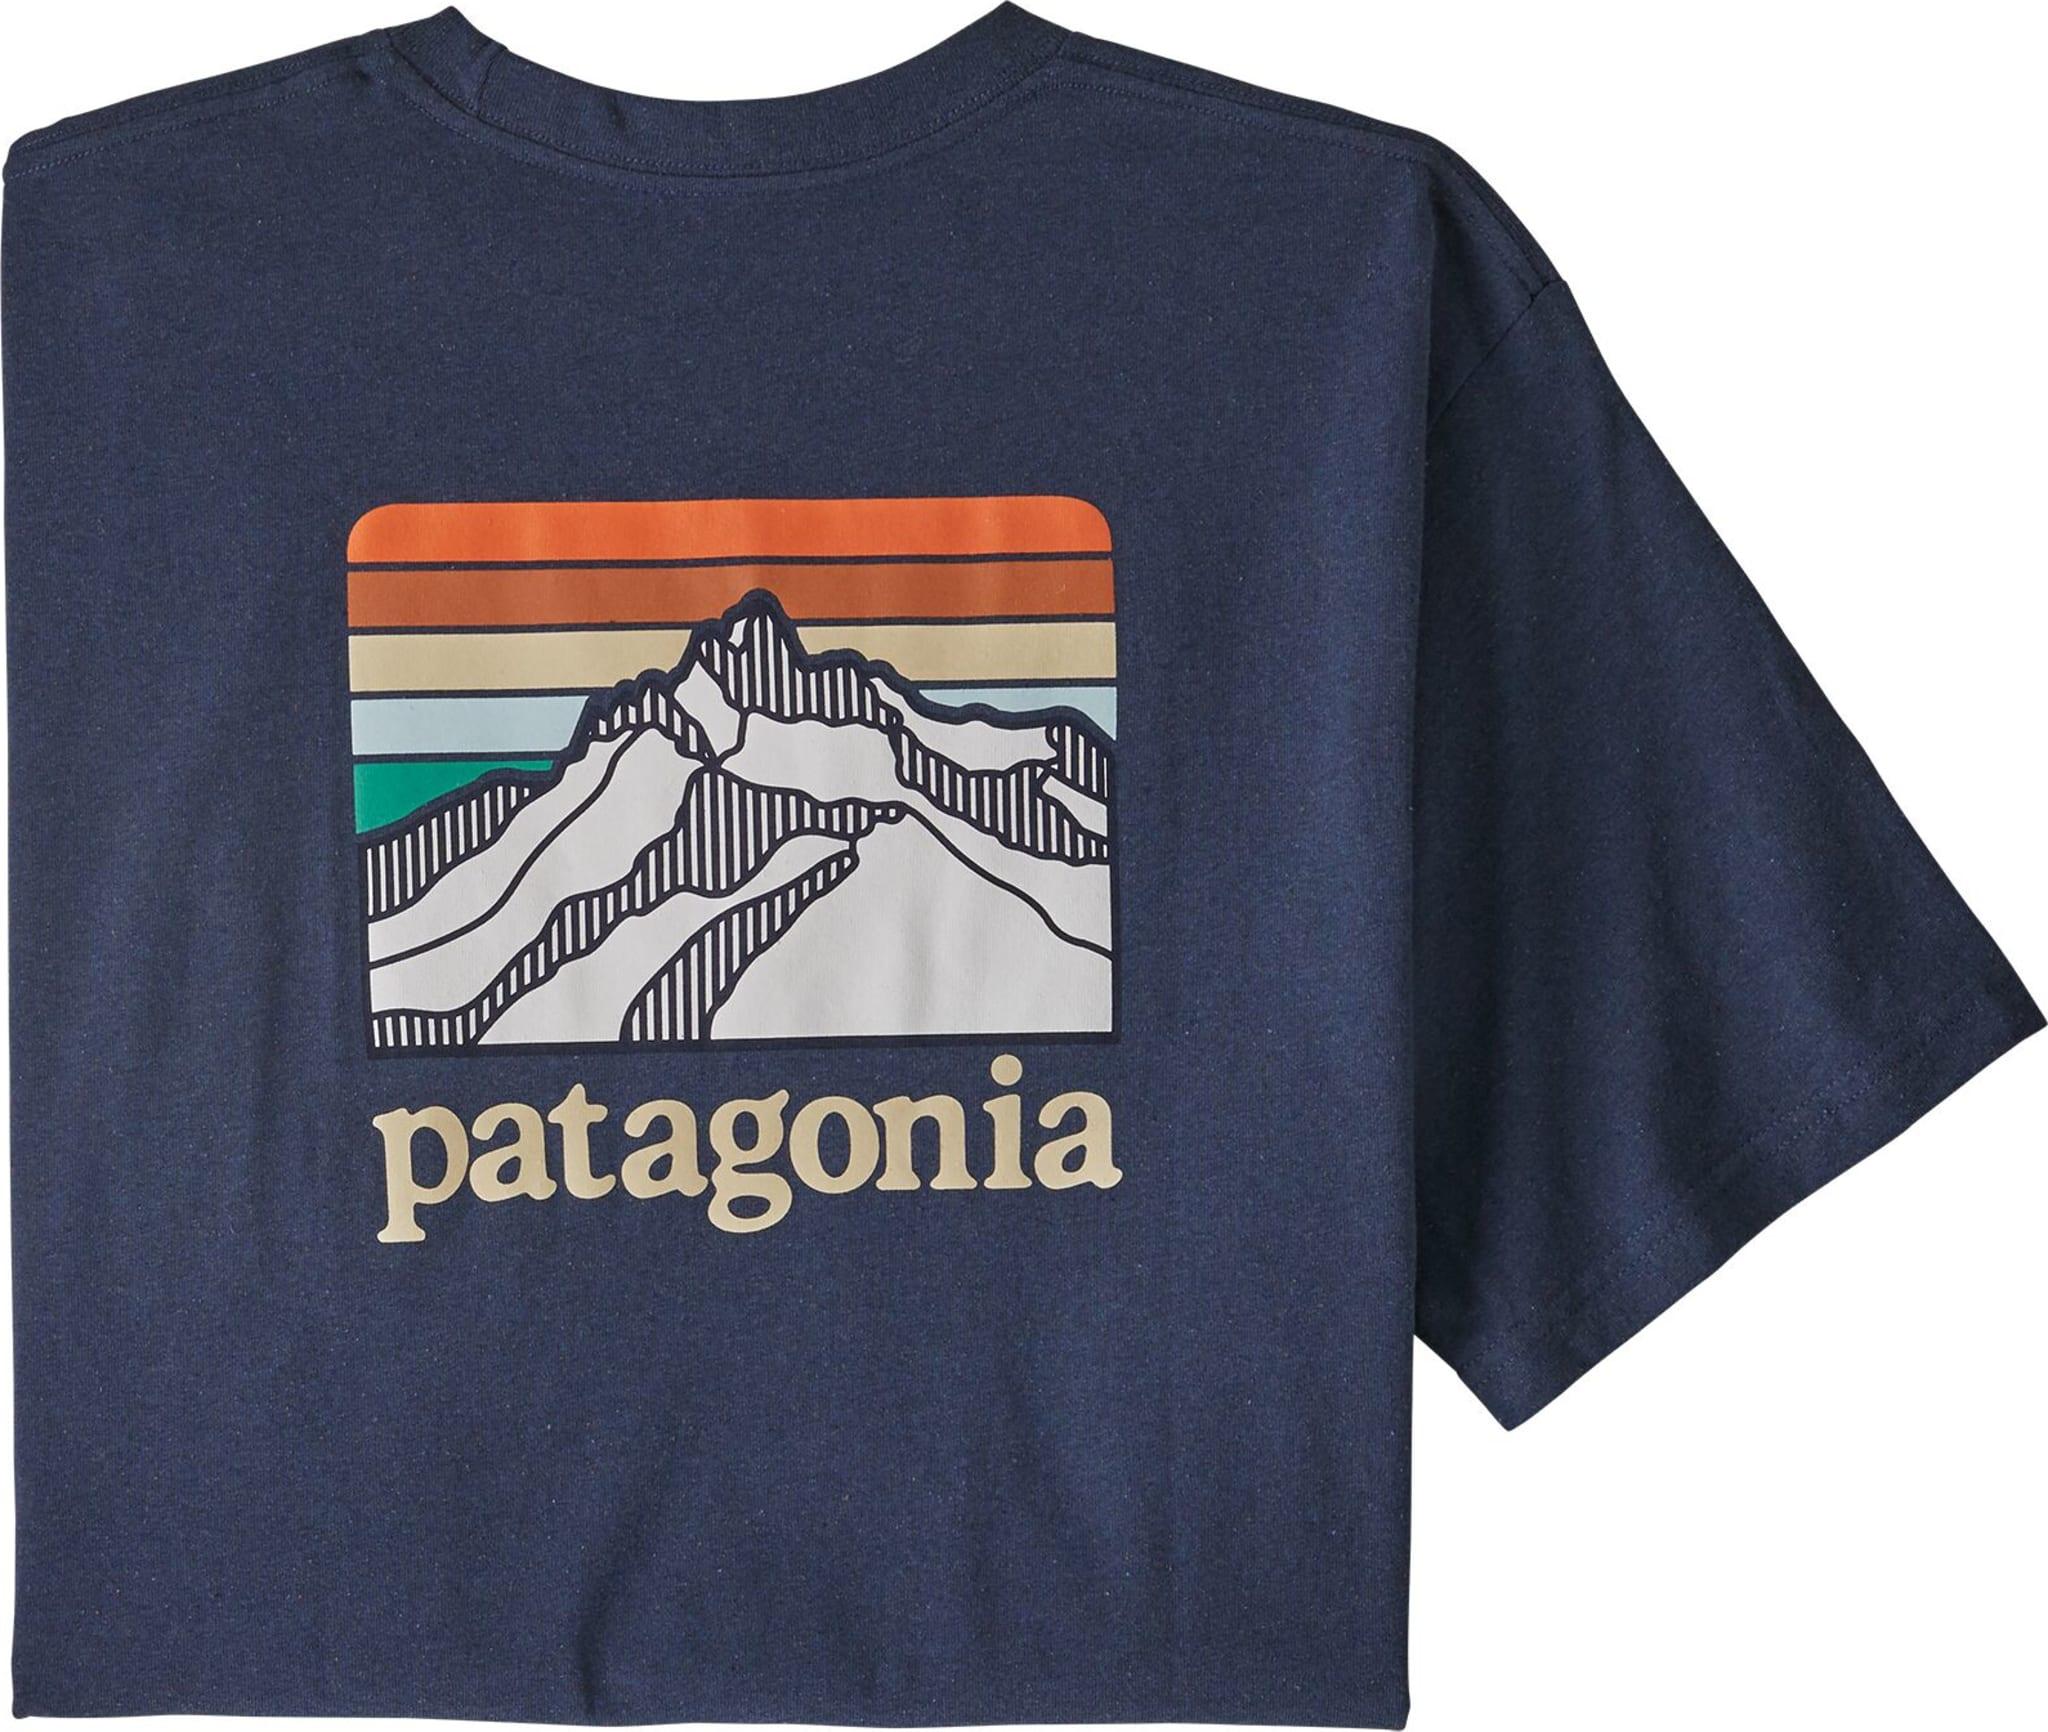 Superbehagelig t-skjorte laget av 100% resirkulert materiale!